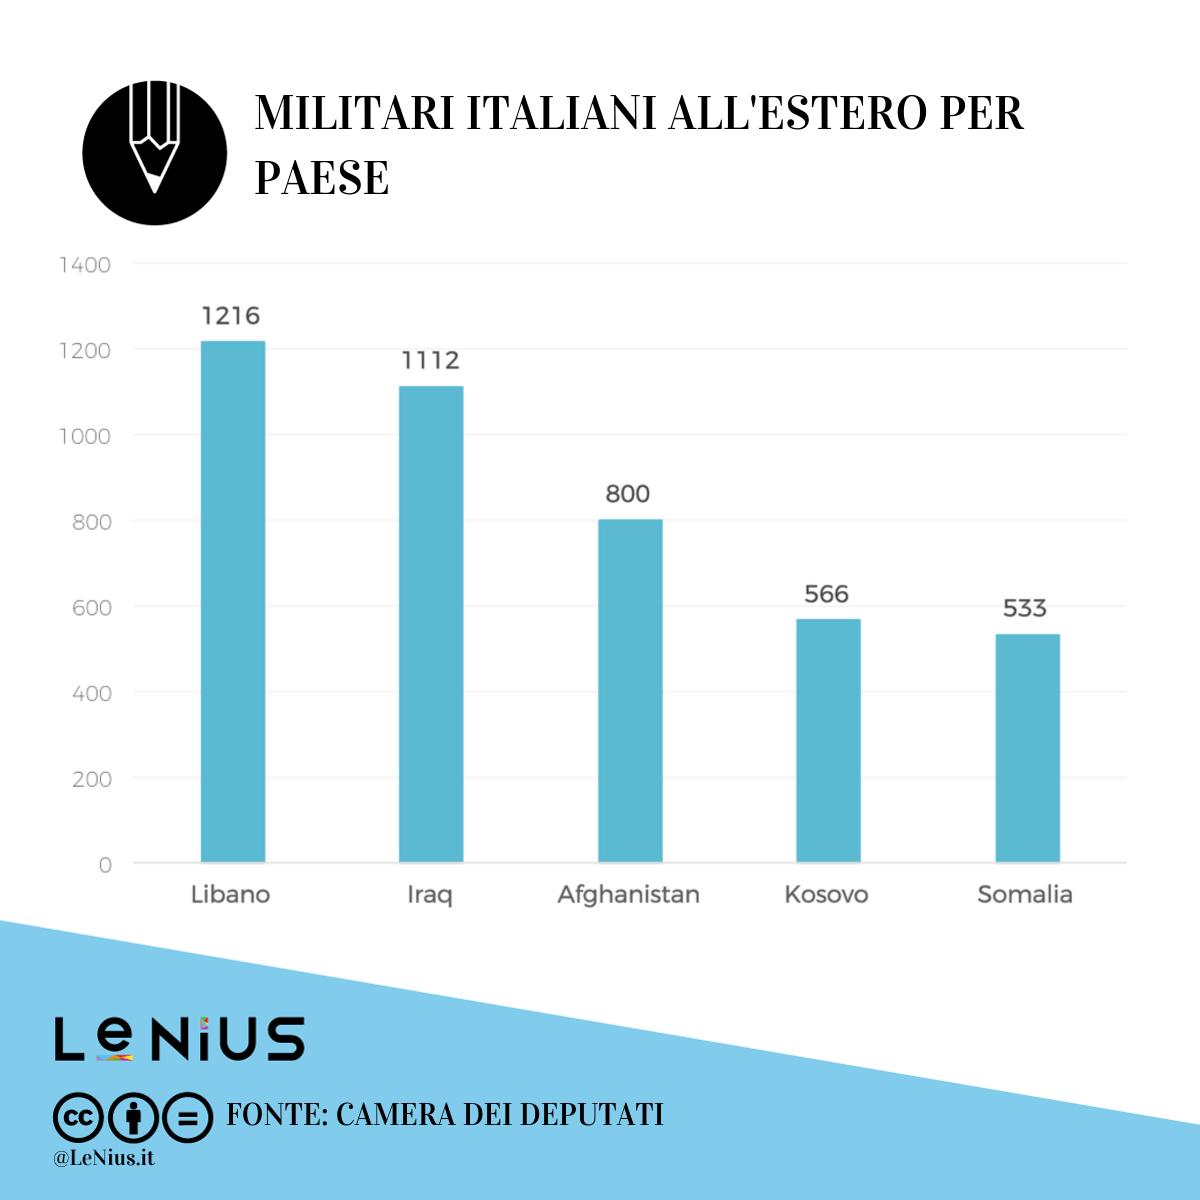 militari italiani all'estero